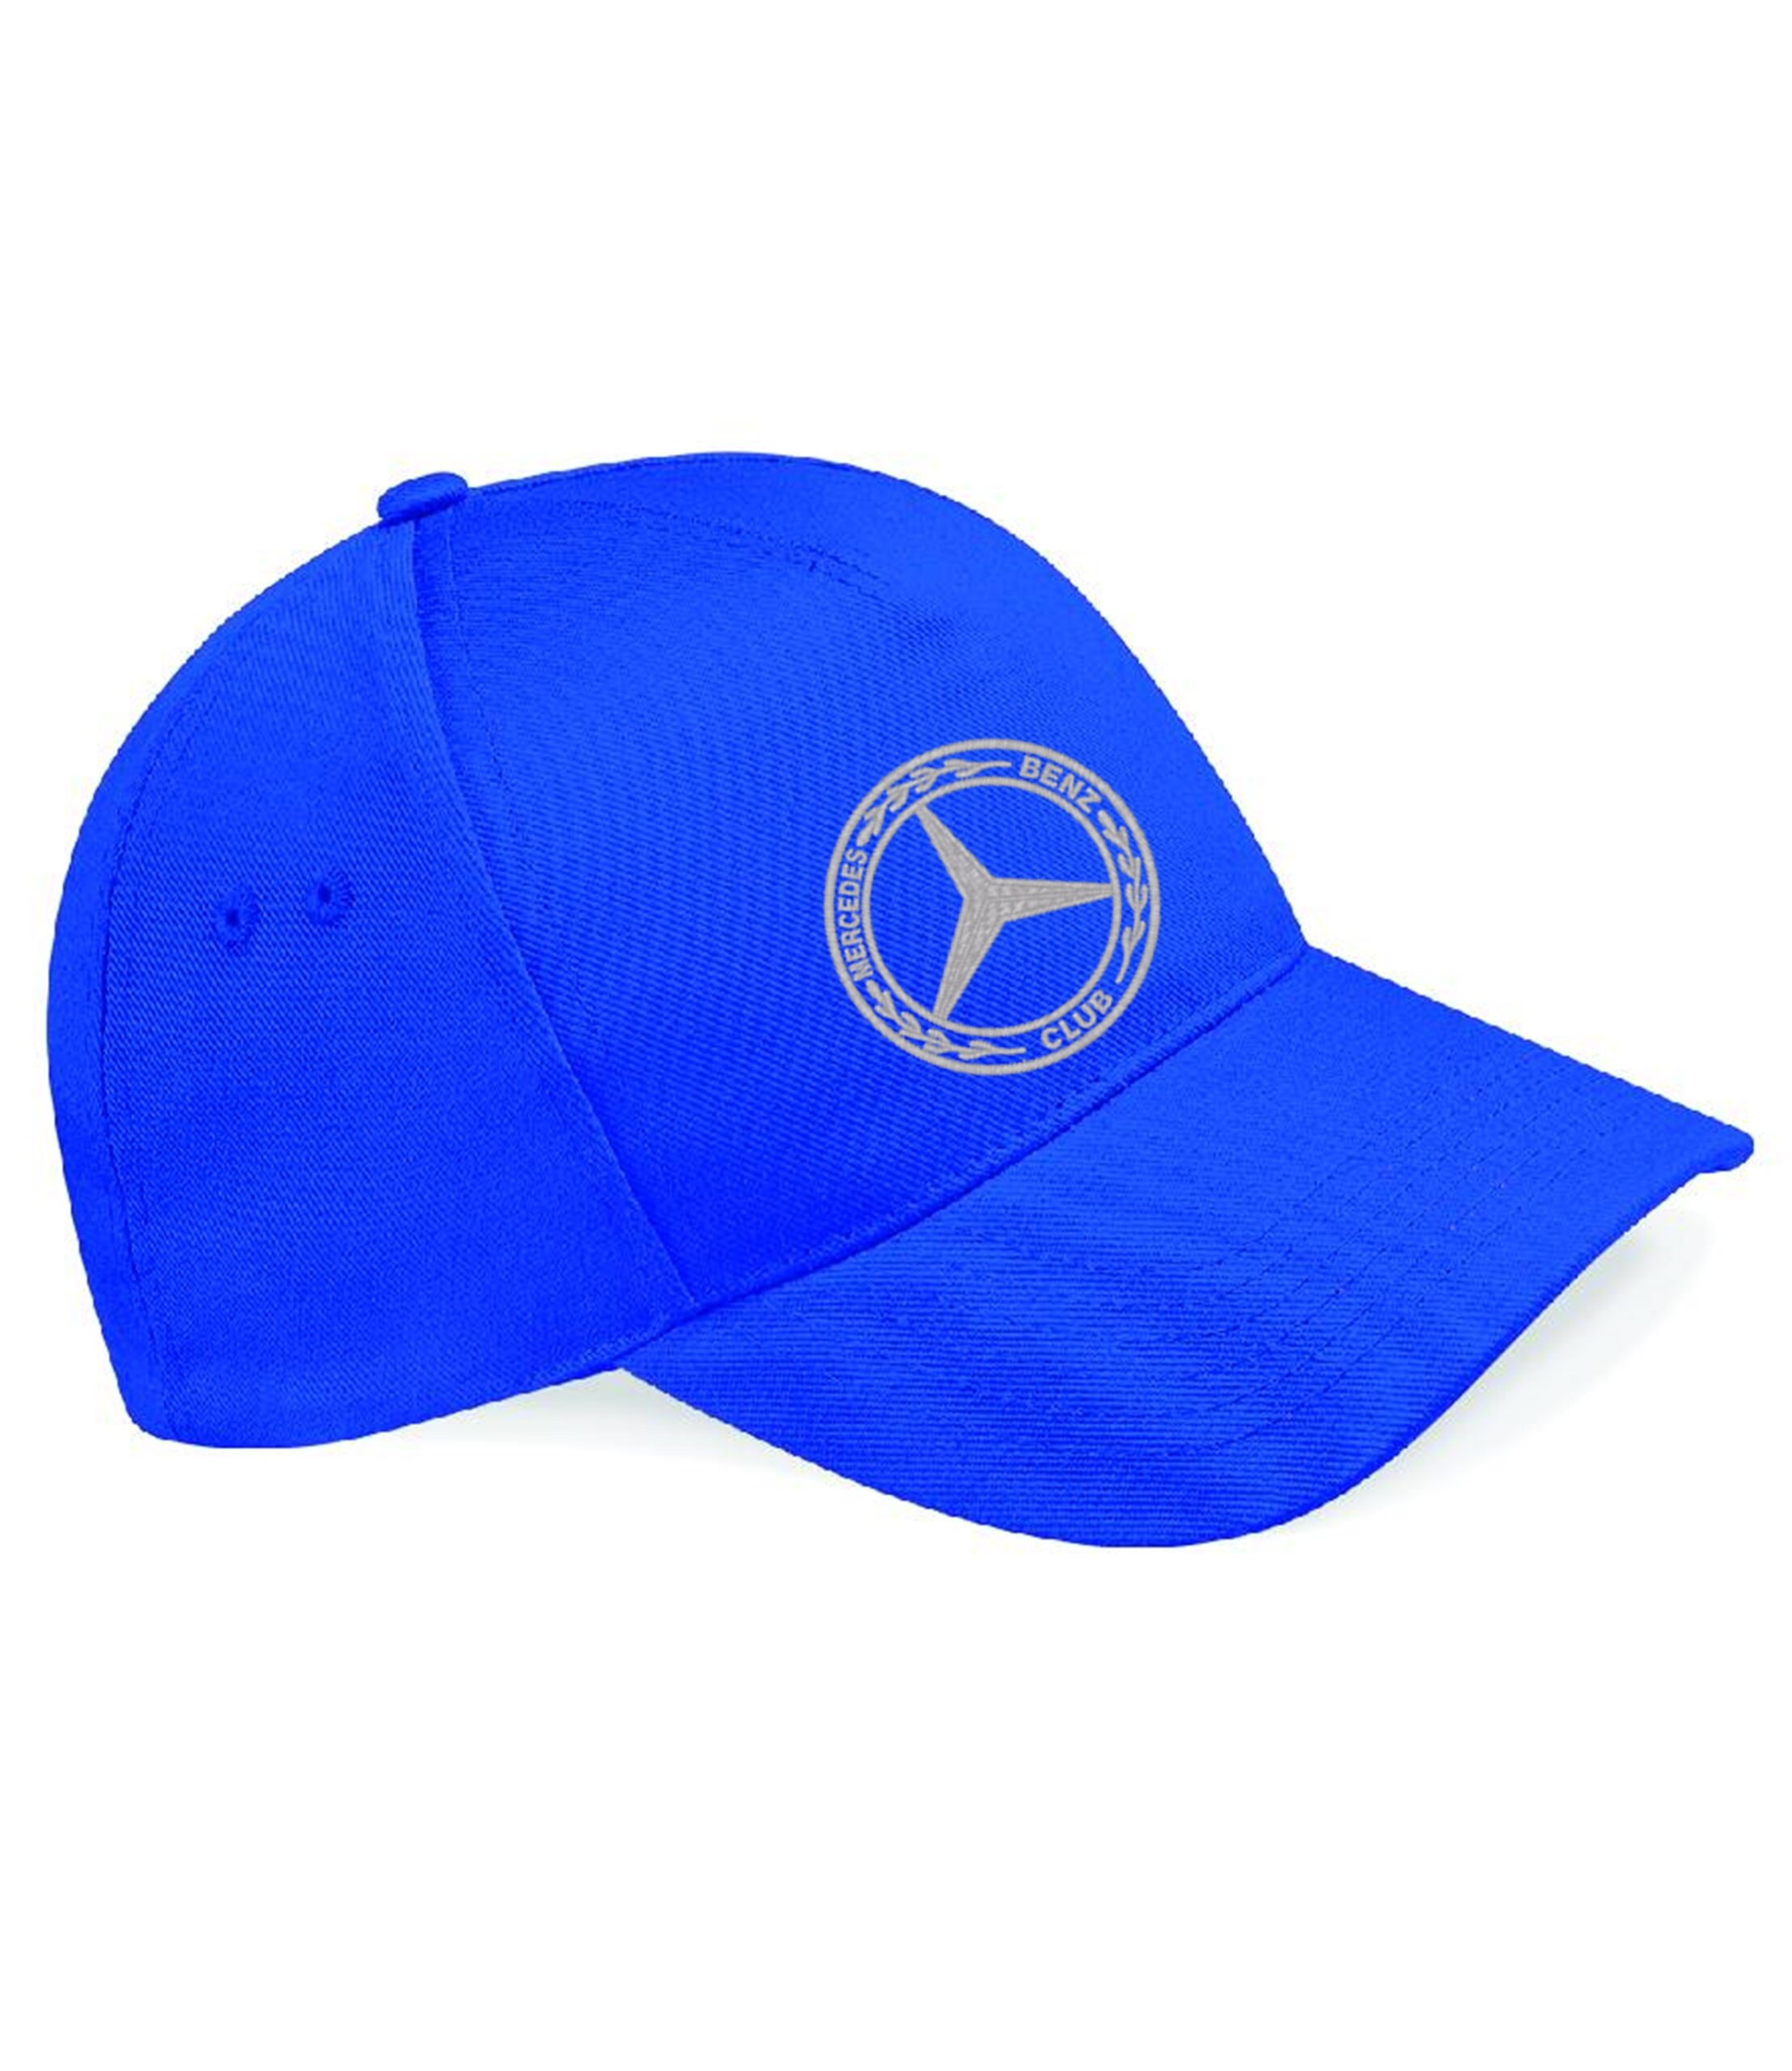 Mercedes-Benz Club Cap Royal Blue